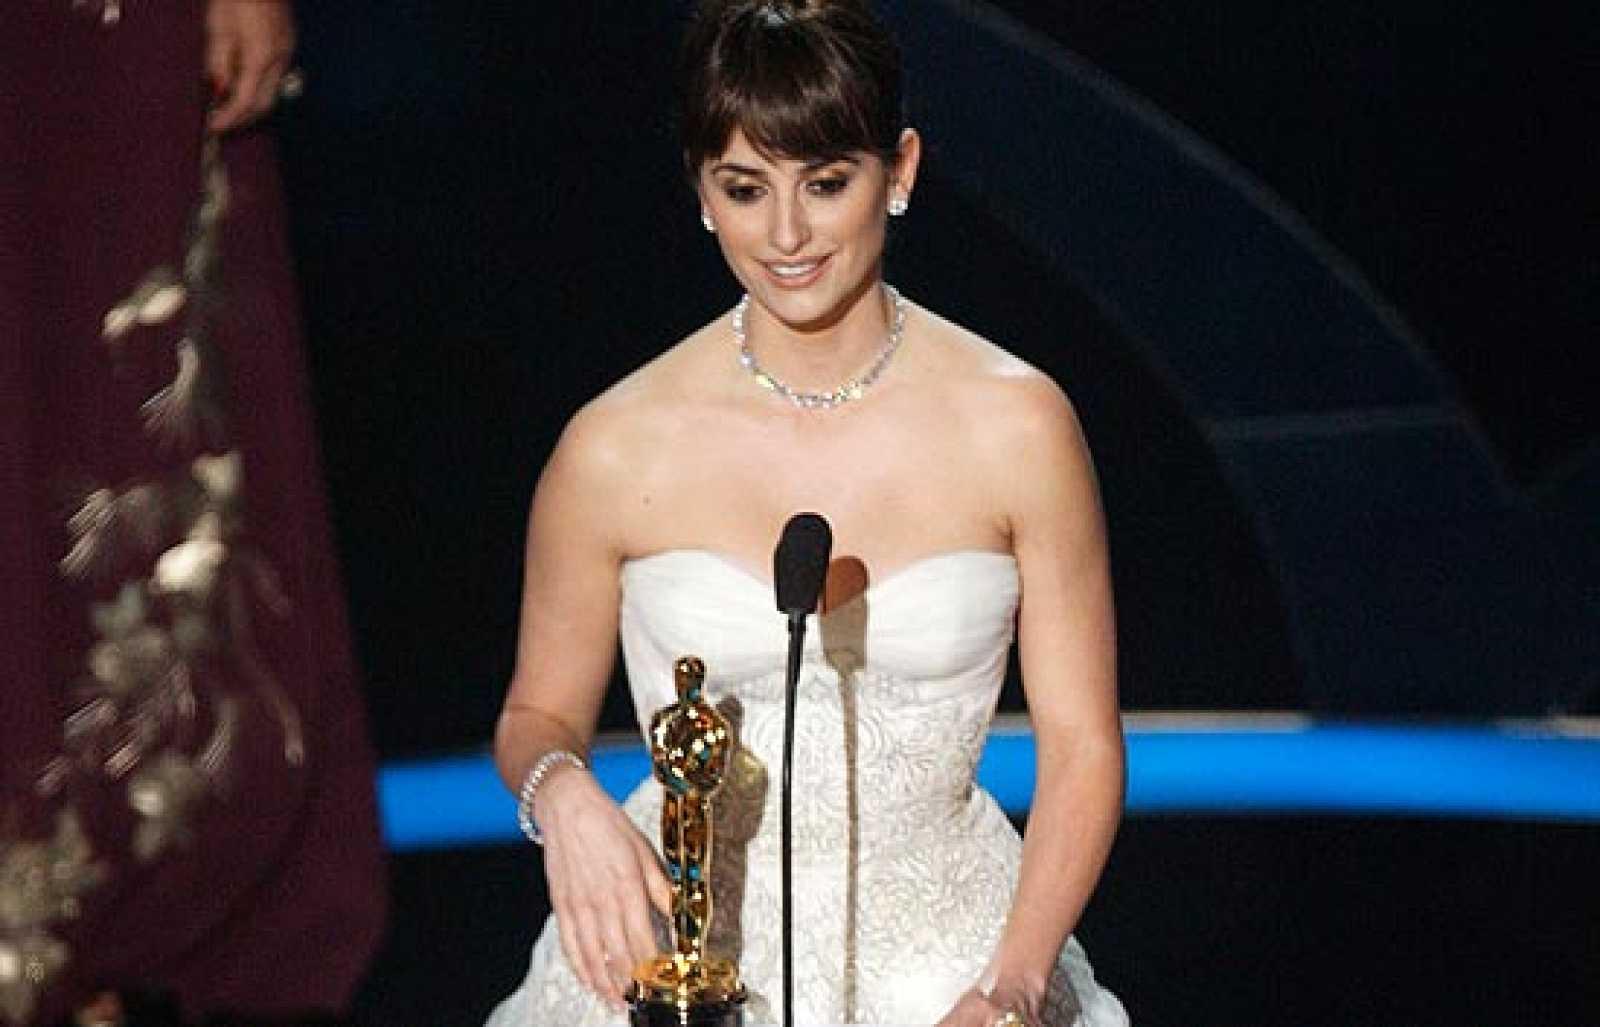 La película de Danny Boyle, con ocho estatuillas, ha sido la gran triunfadora de la noche de Penélope Cruz, la primera actriz española en conseguir un Oscar.